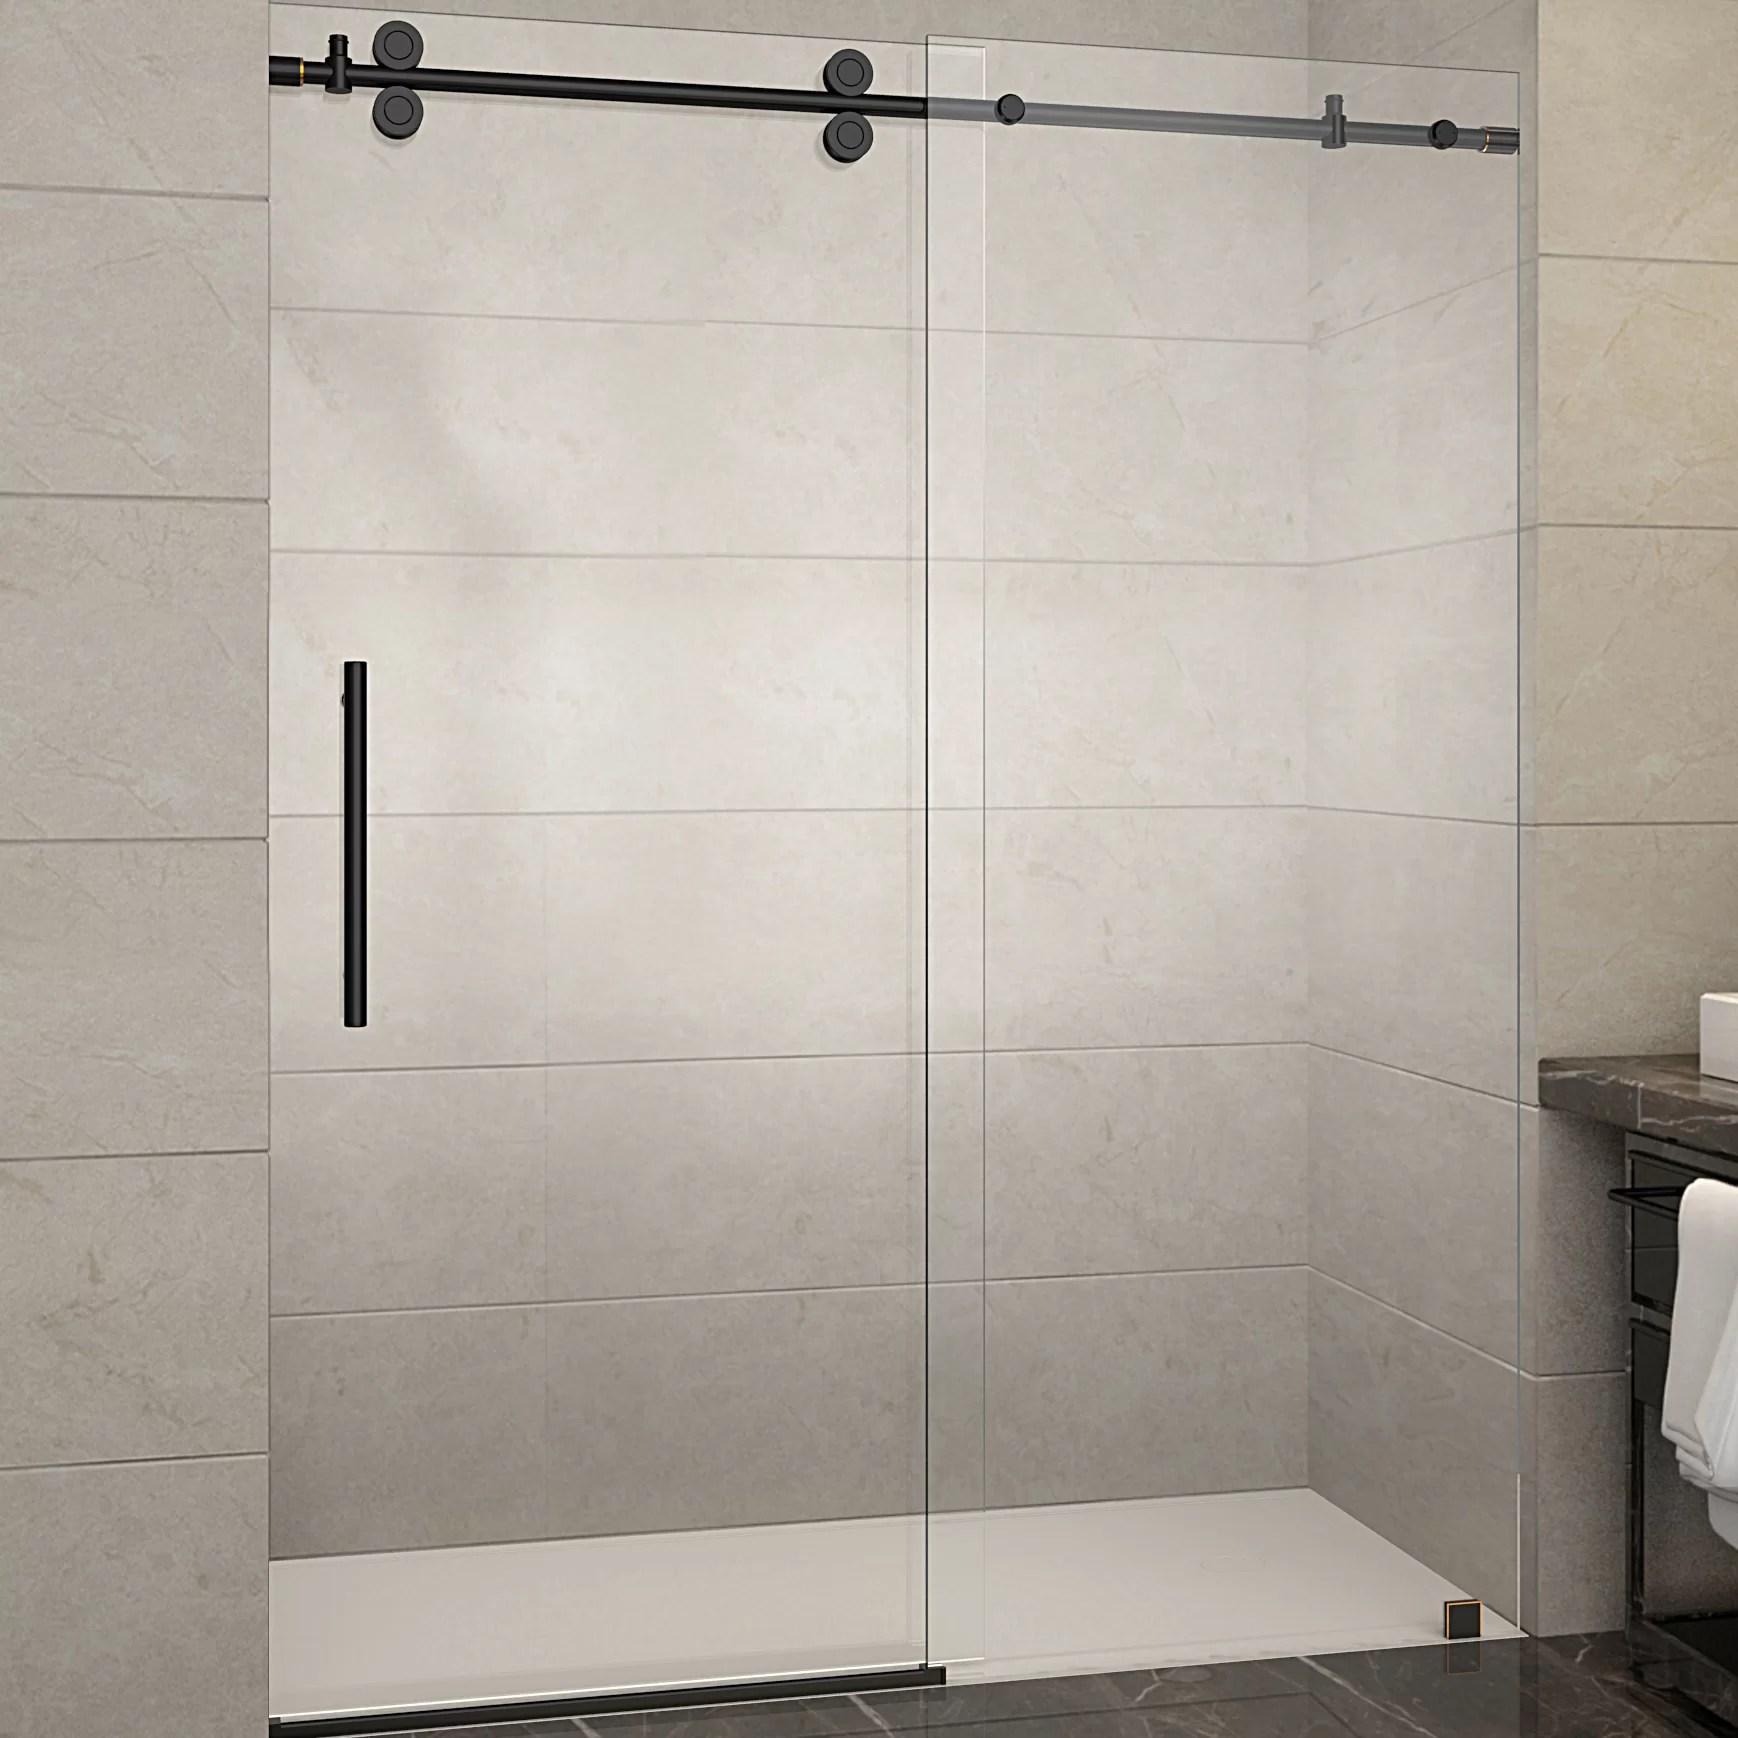 Langham 60 X 75 Single Sliding Frameless Shower Door